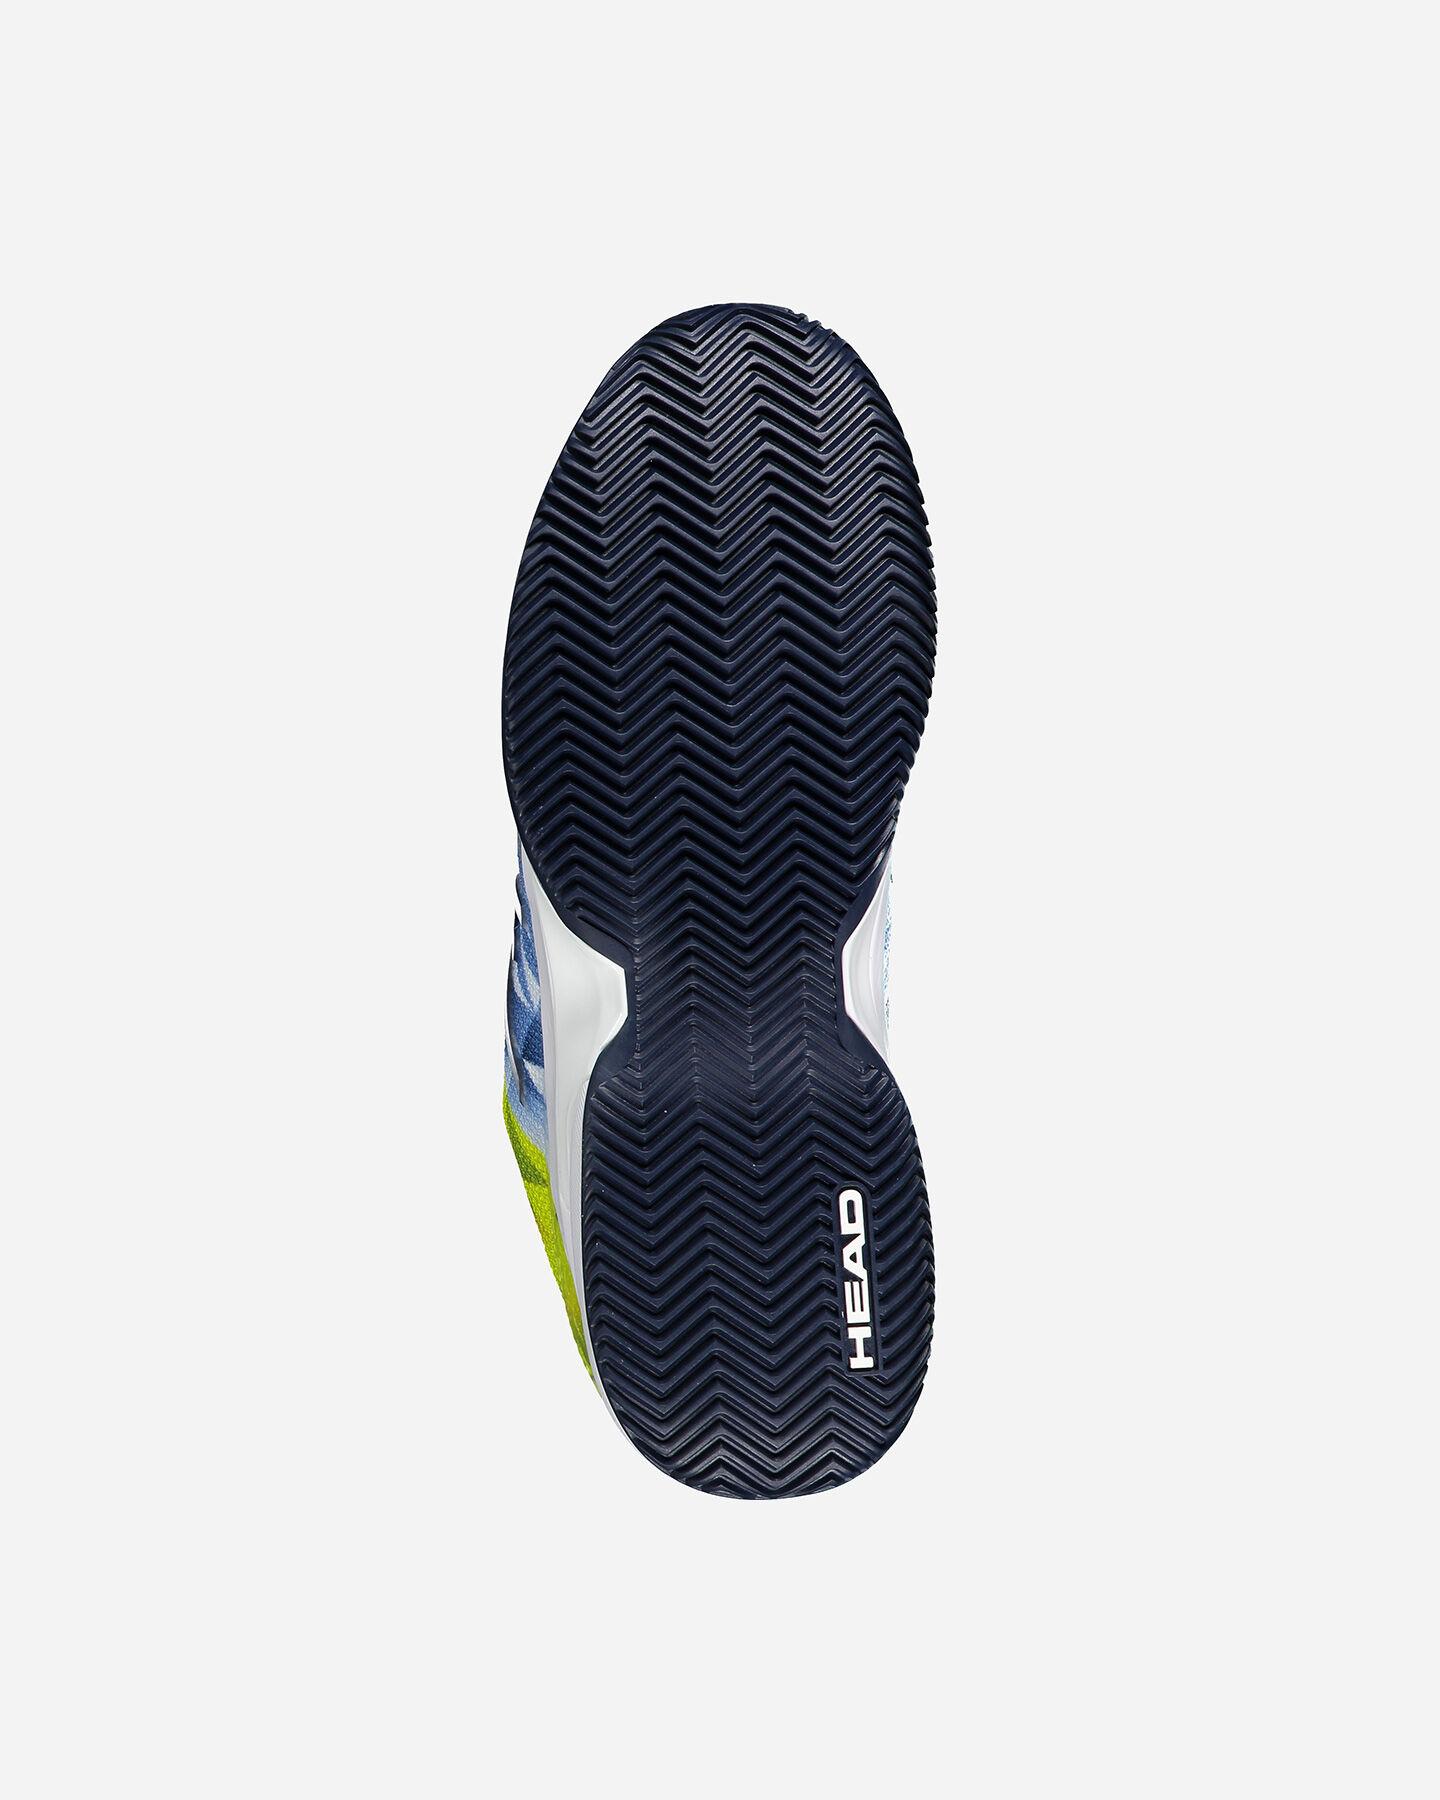 Scarpe tennis HEAD REVOLT PRO 3.0 CLAY M S5169731 scatto 2